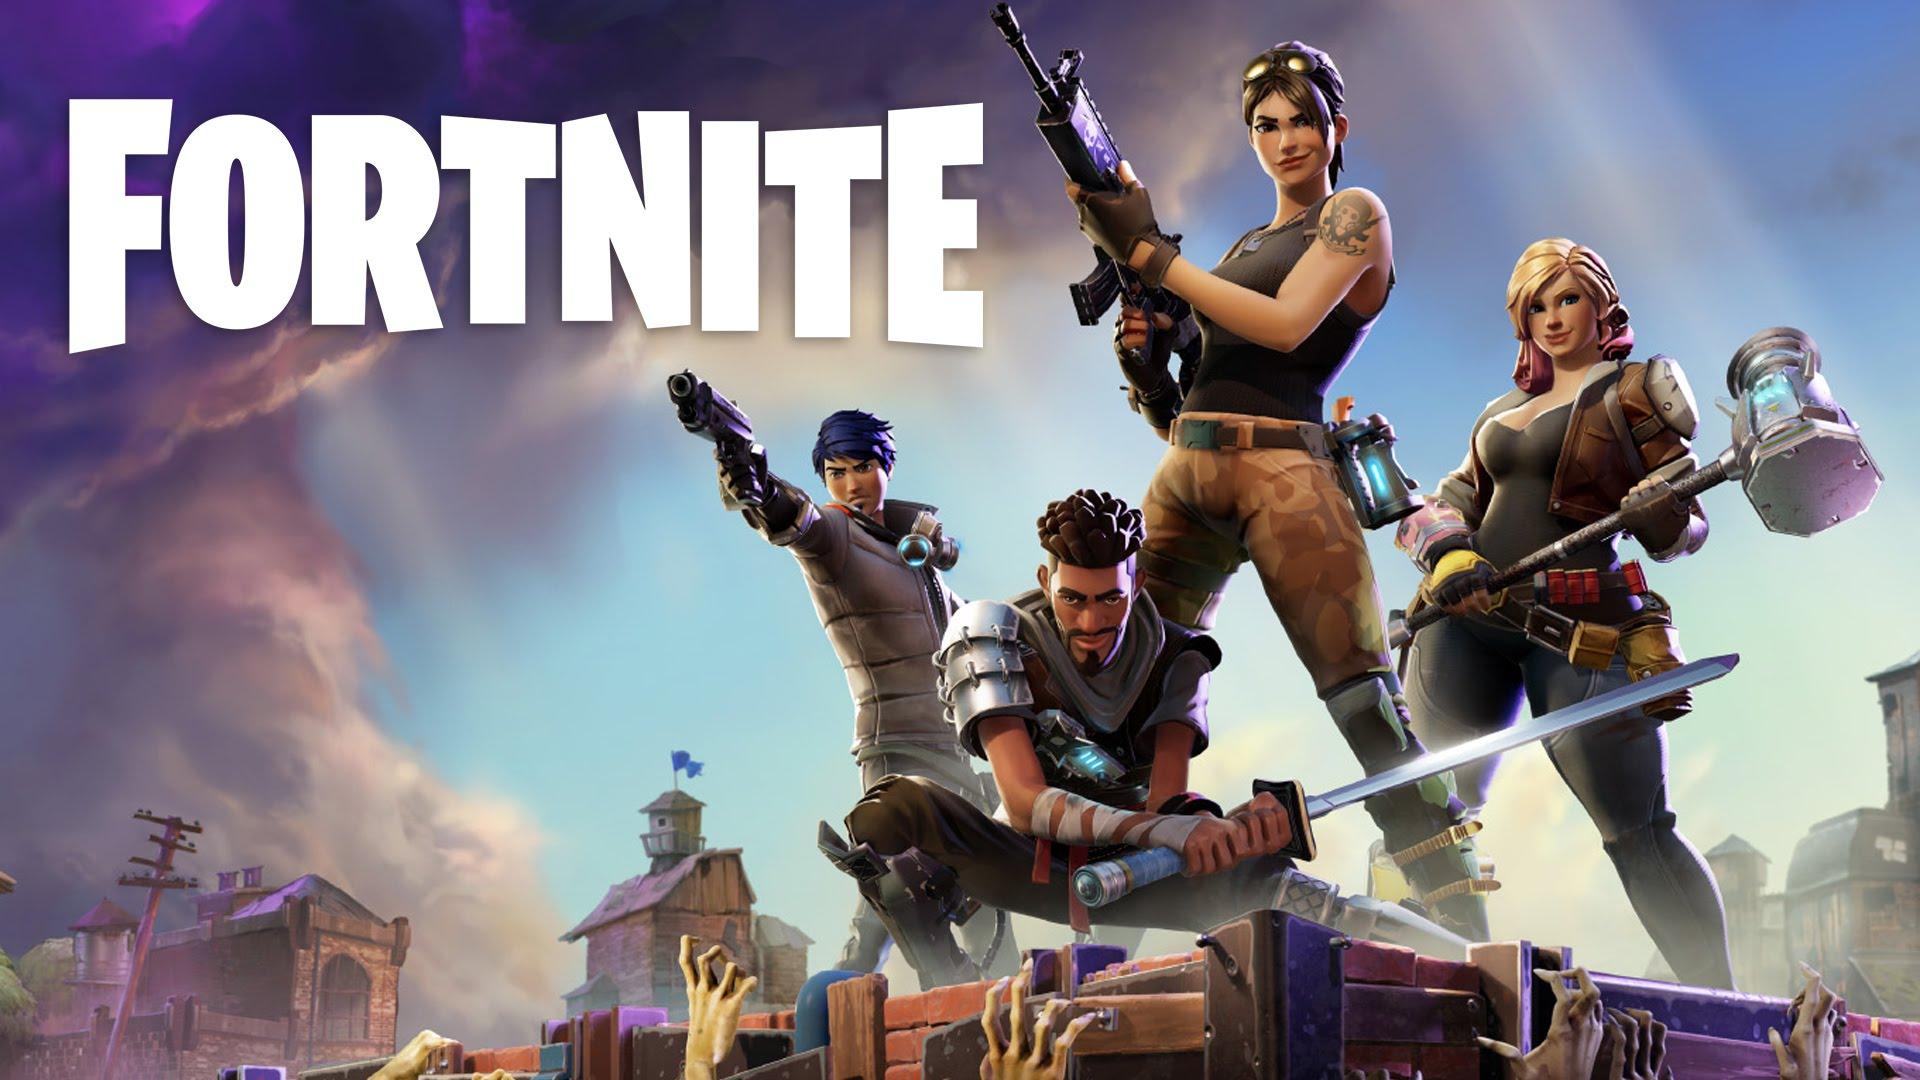 قابلیت بازی میان پلتفرمی برای نسخه ایکسباکس وان بازی Fortnite در راه است